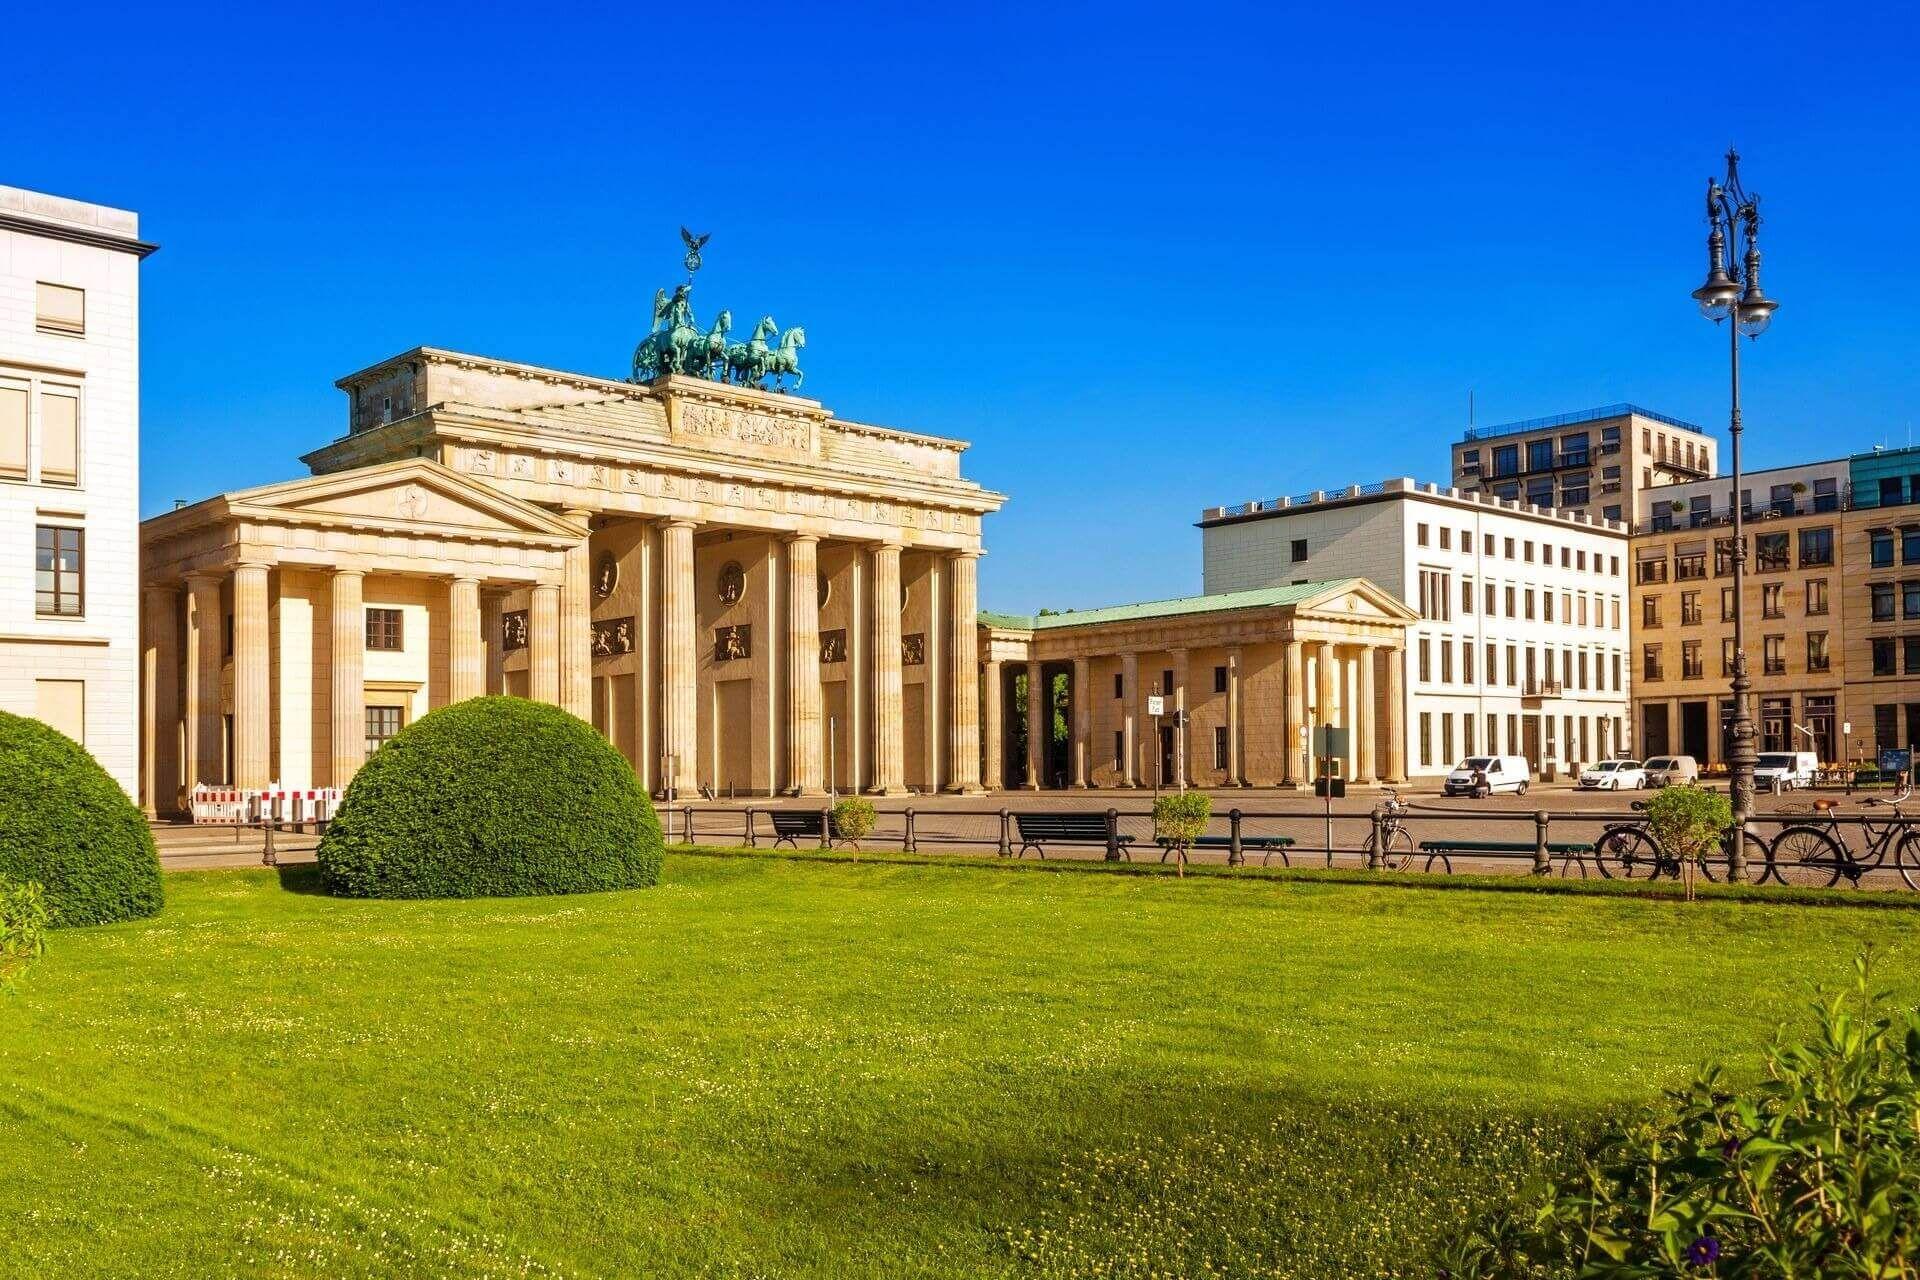 Pin Von Qihang Hong Auf Architecture In History In 2020 Berlin Urlaub Brandenburger Tor Urlaubsguru